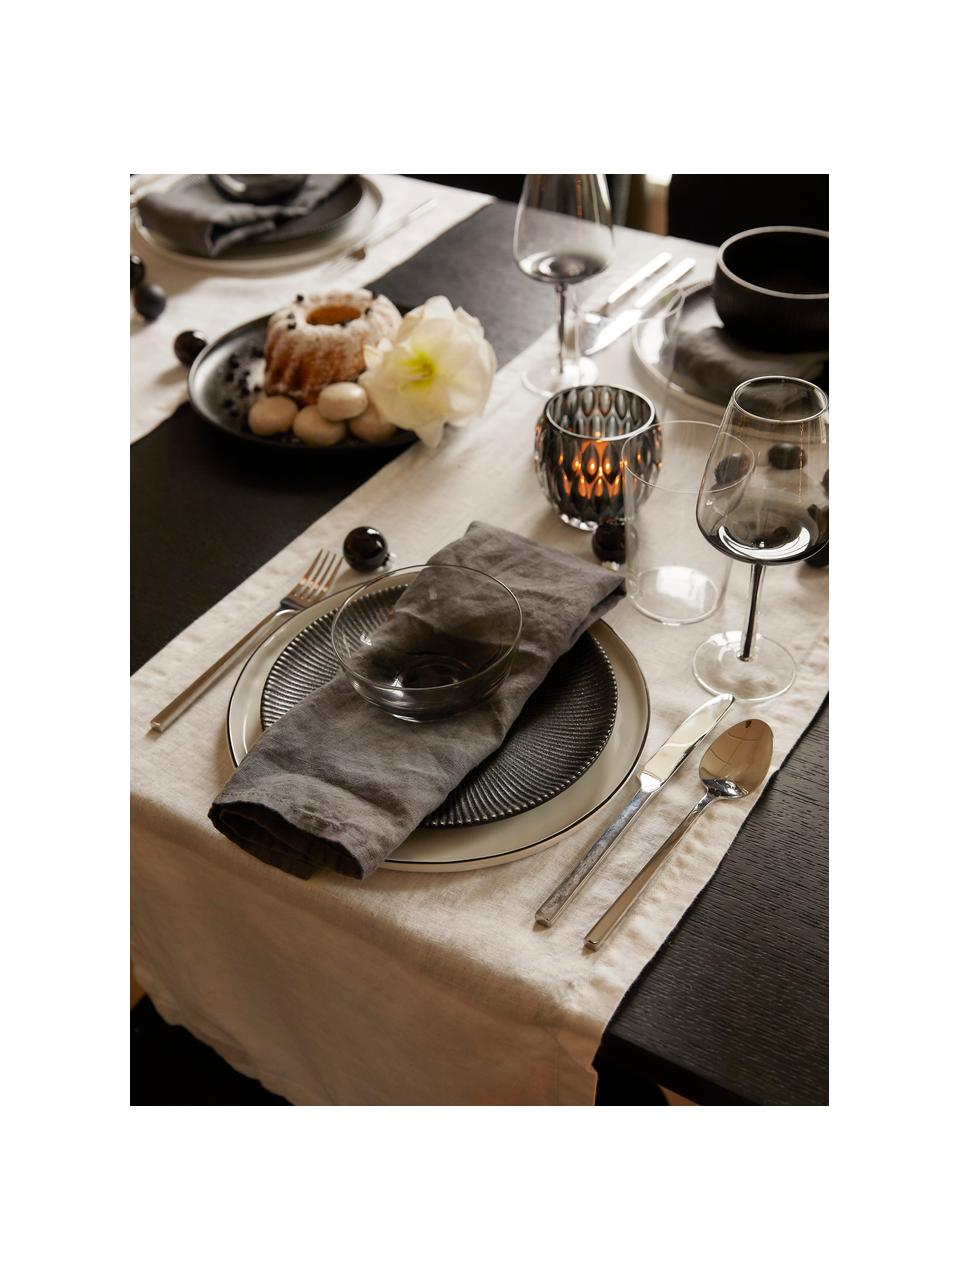 Kieliszek do białego wina ze szkła dmuchanego Smoke, 4 szt., Szkło dmuchane, grubościenne, Przydymiony szary, Ø 9 x W 21 cm